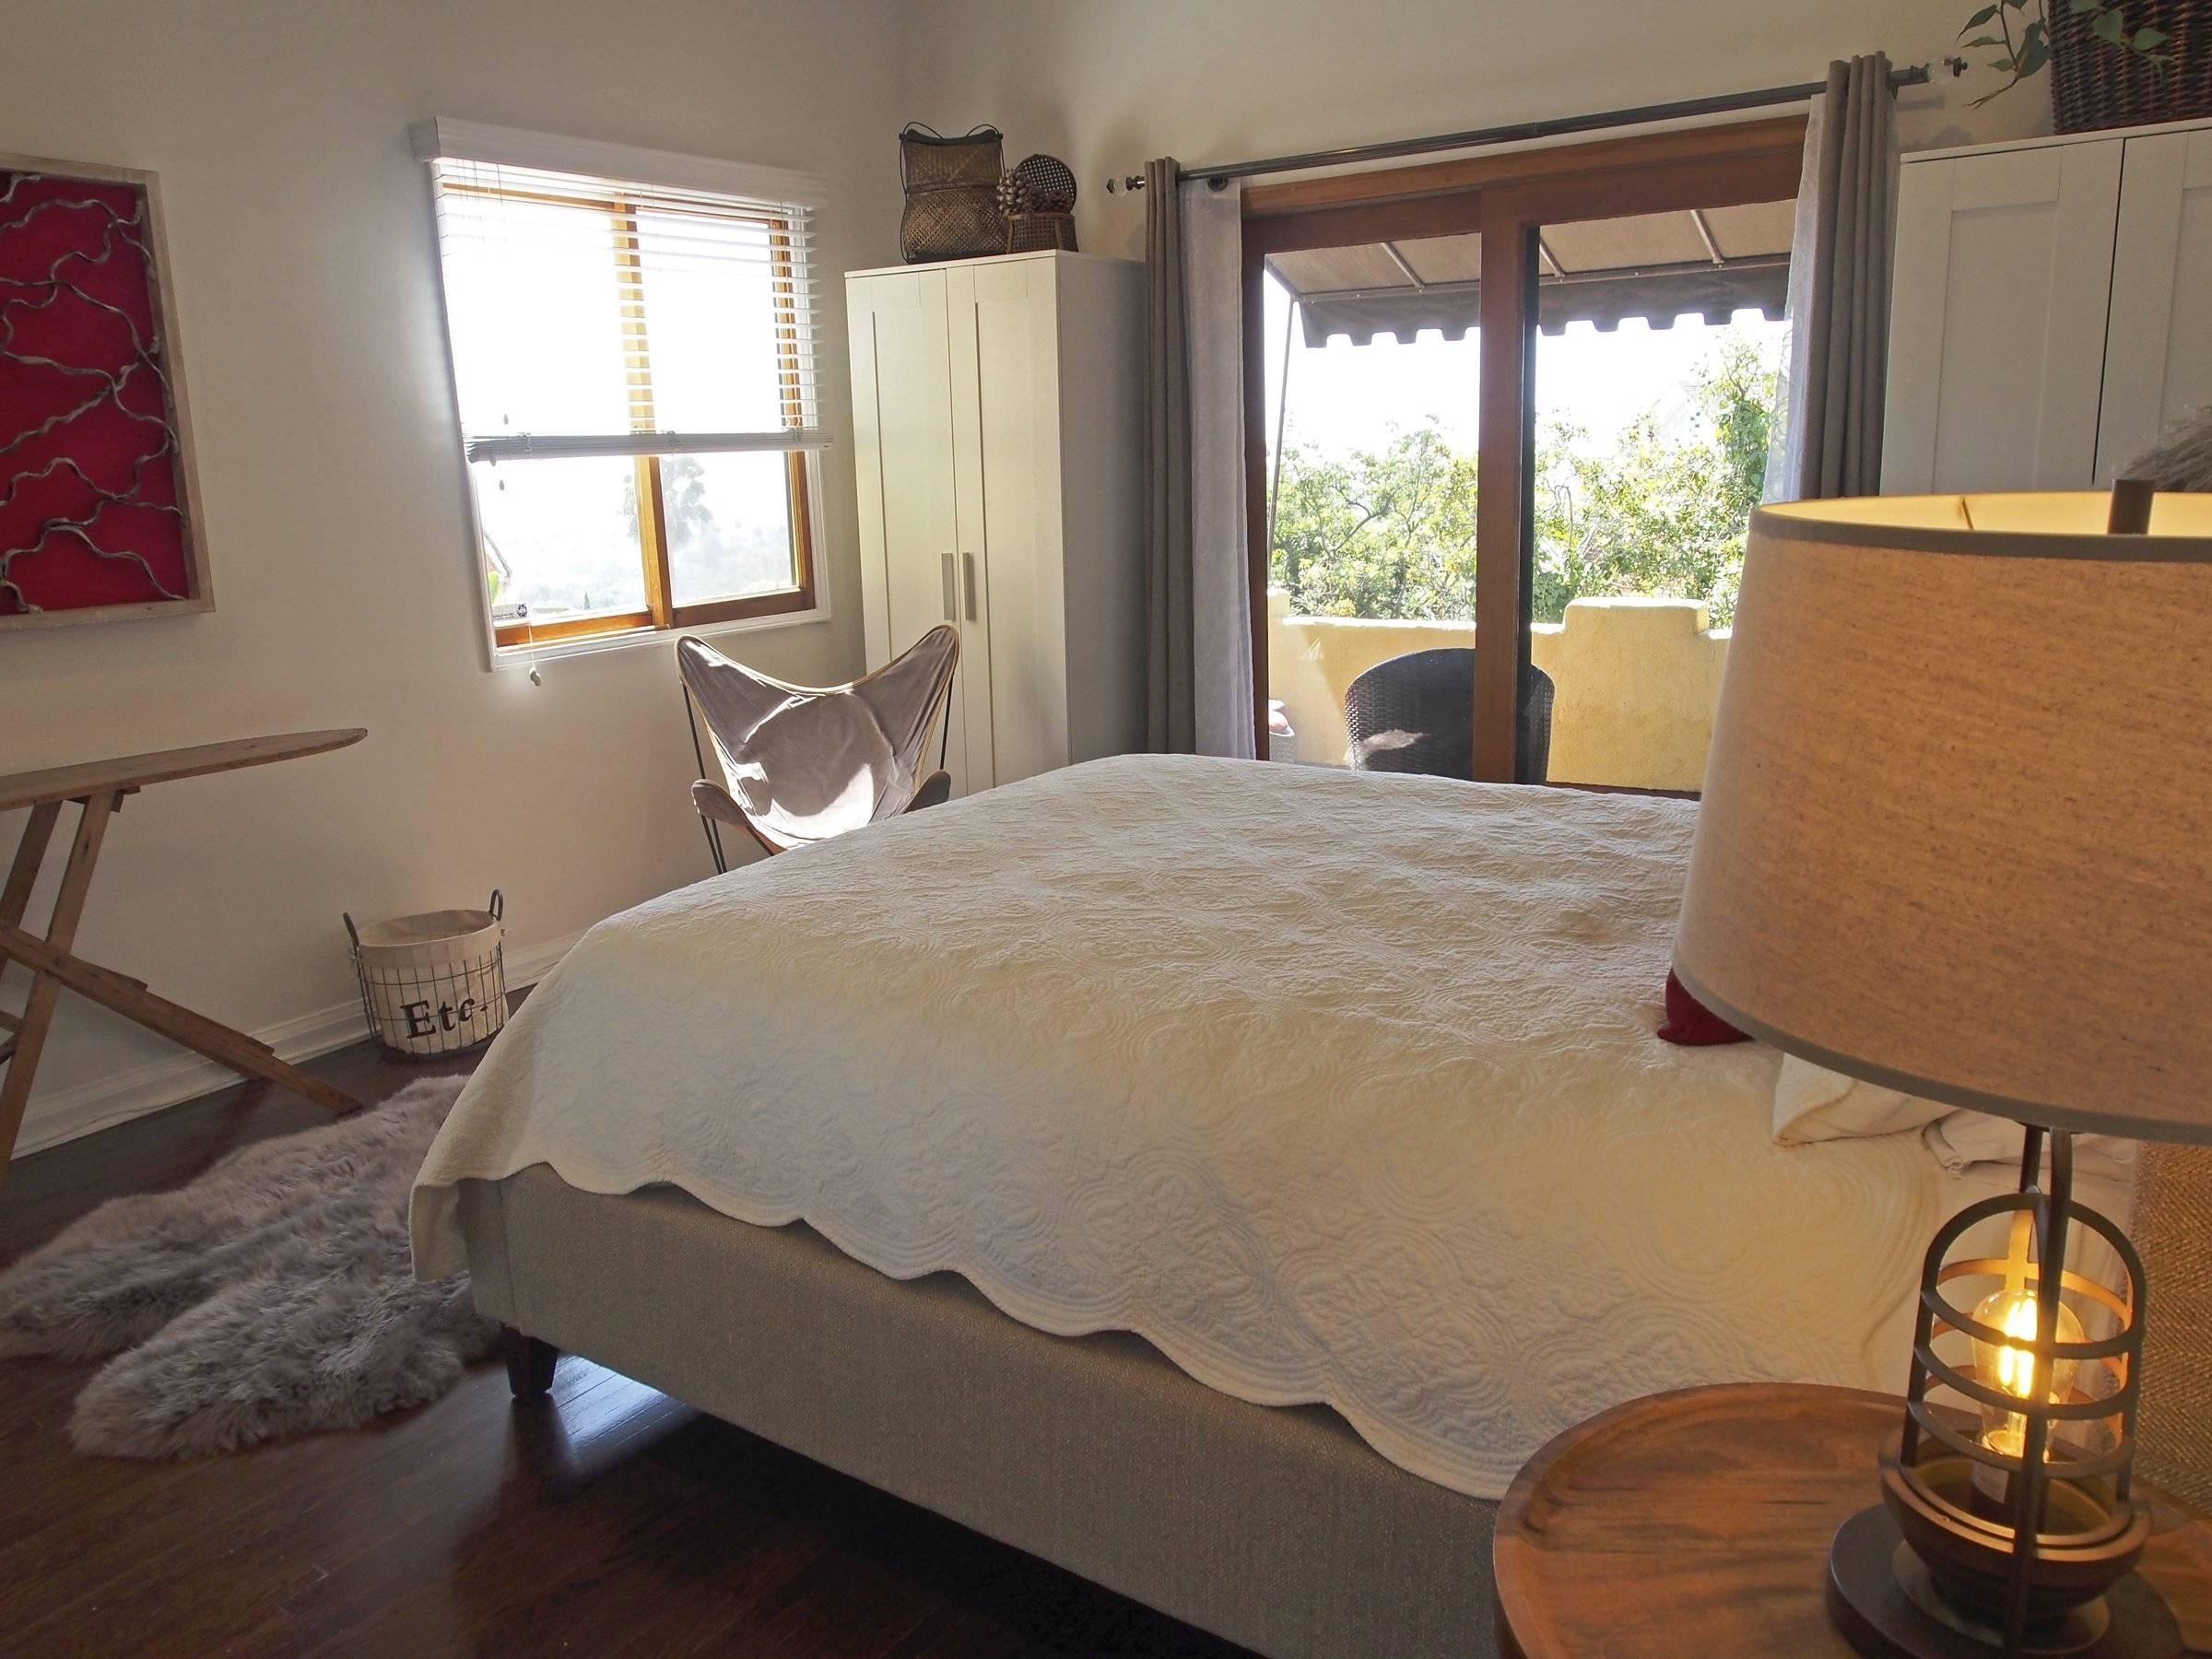 bedroom with window and sliding door to deck.